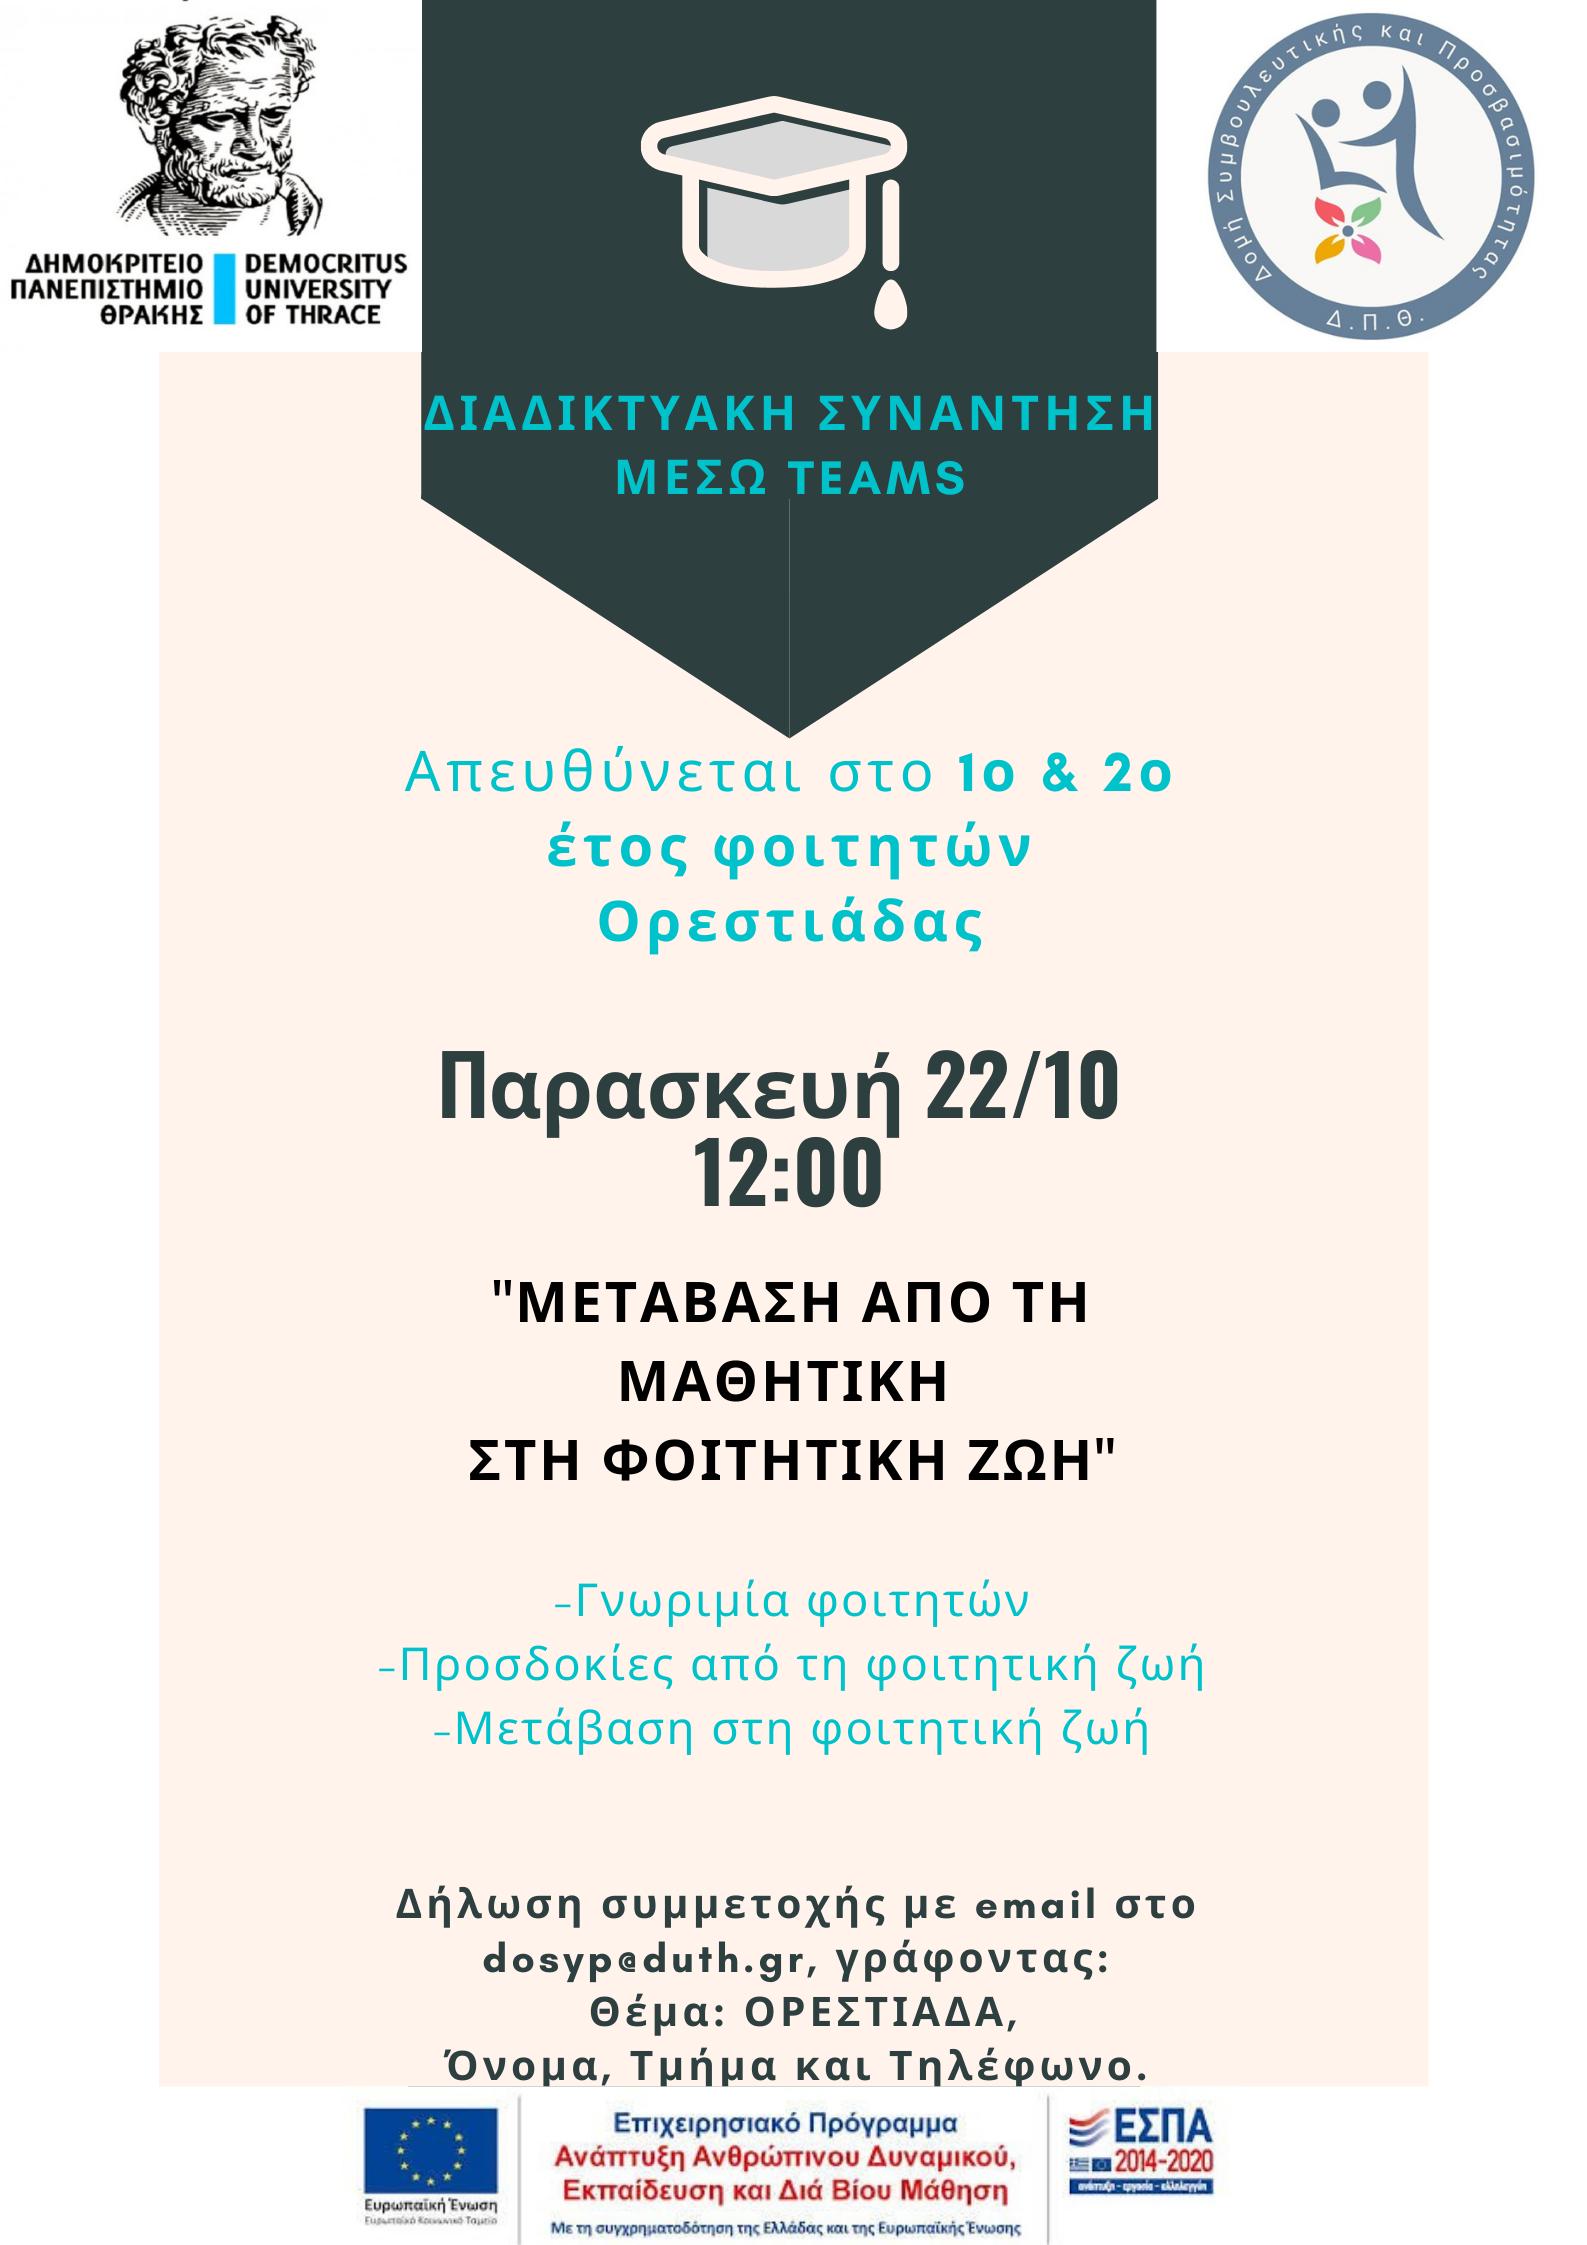 Αφίσα εργαστηρίου μετάβασης